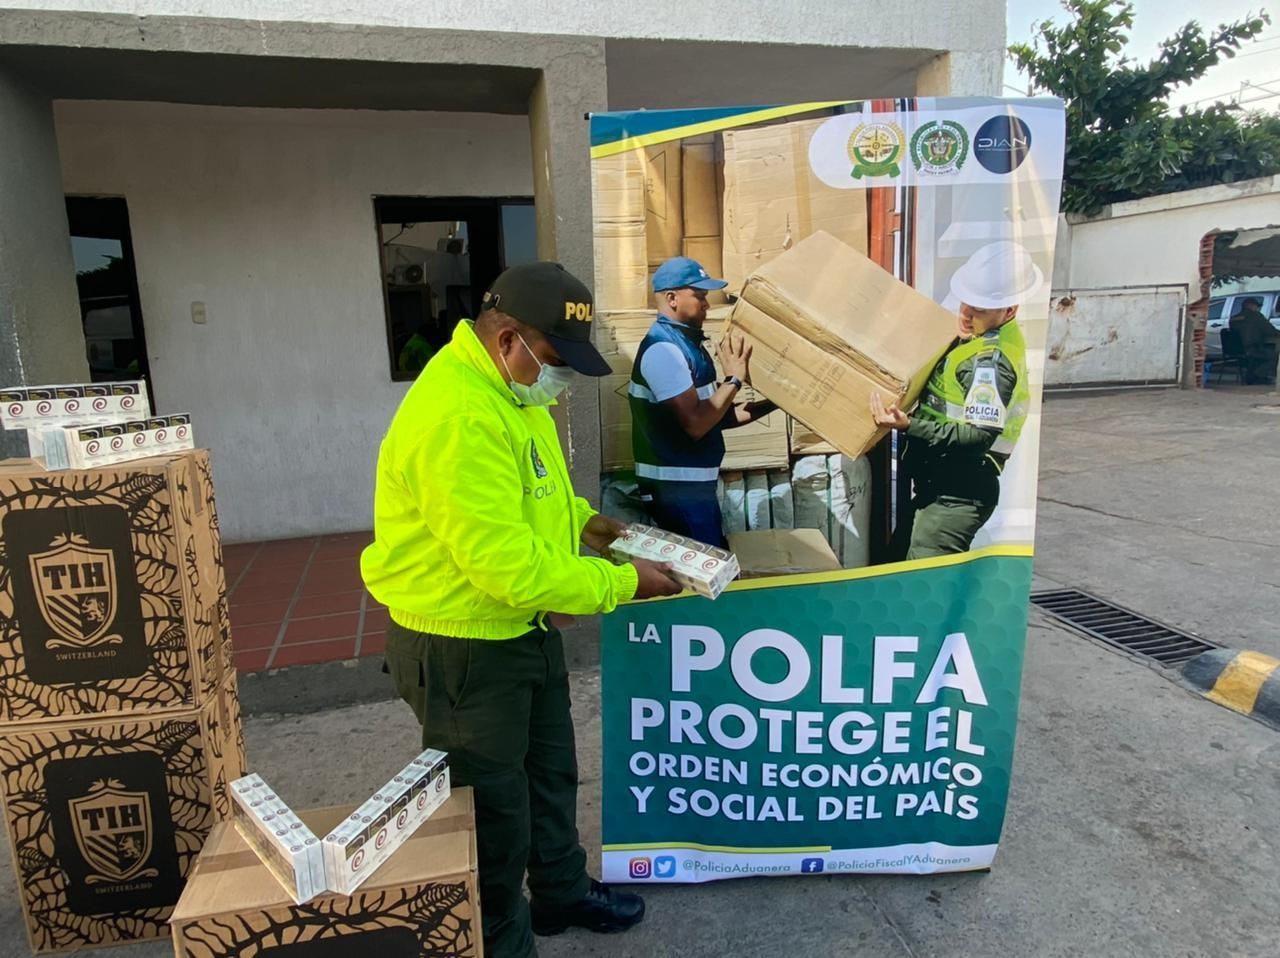 https://www.notasrosas.com/Polfa incauta en Maicao 25 mil cajetillas de cigarrillos, avaluadas en más de 125 millones de pesos